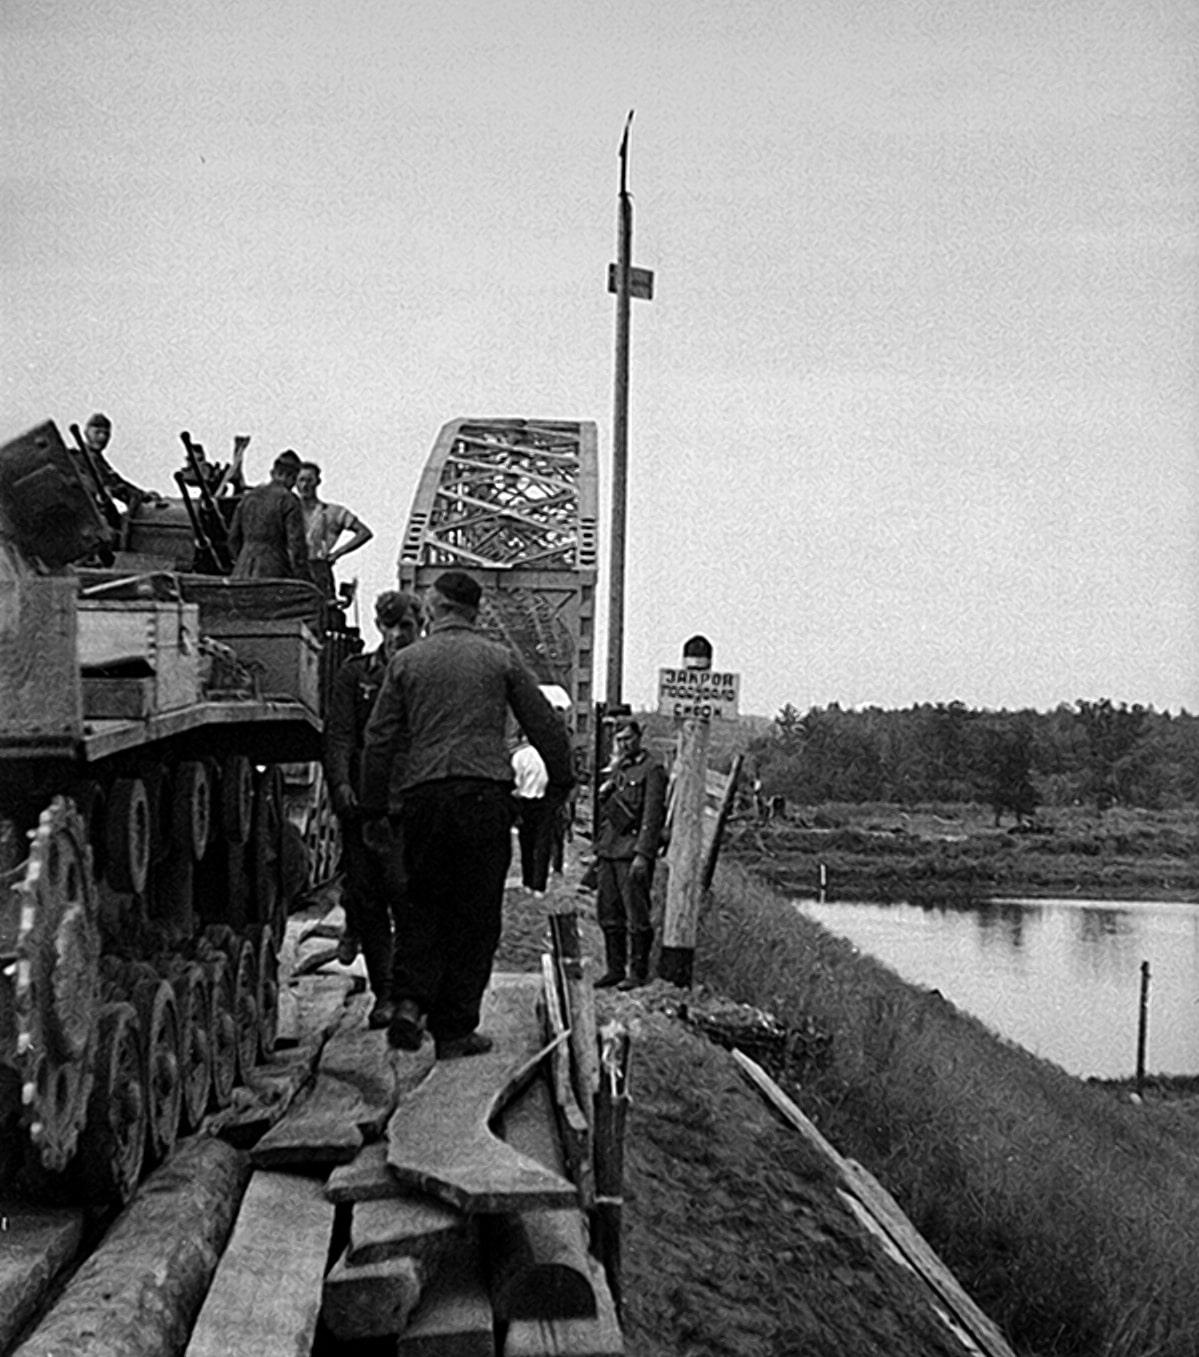 Немцам доставались целыми стратегические железнодорожные мосты